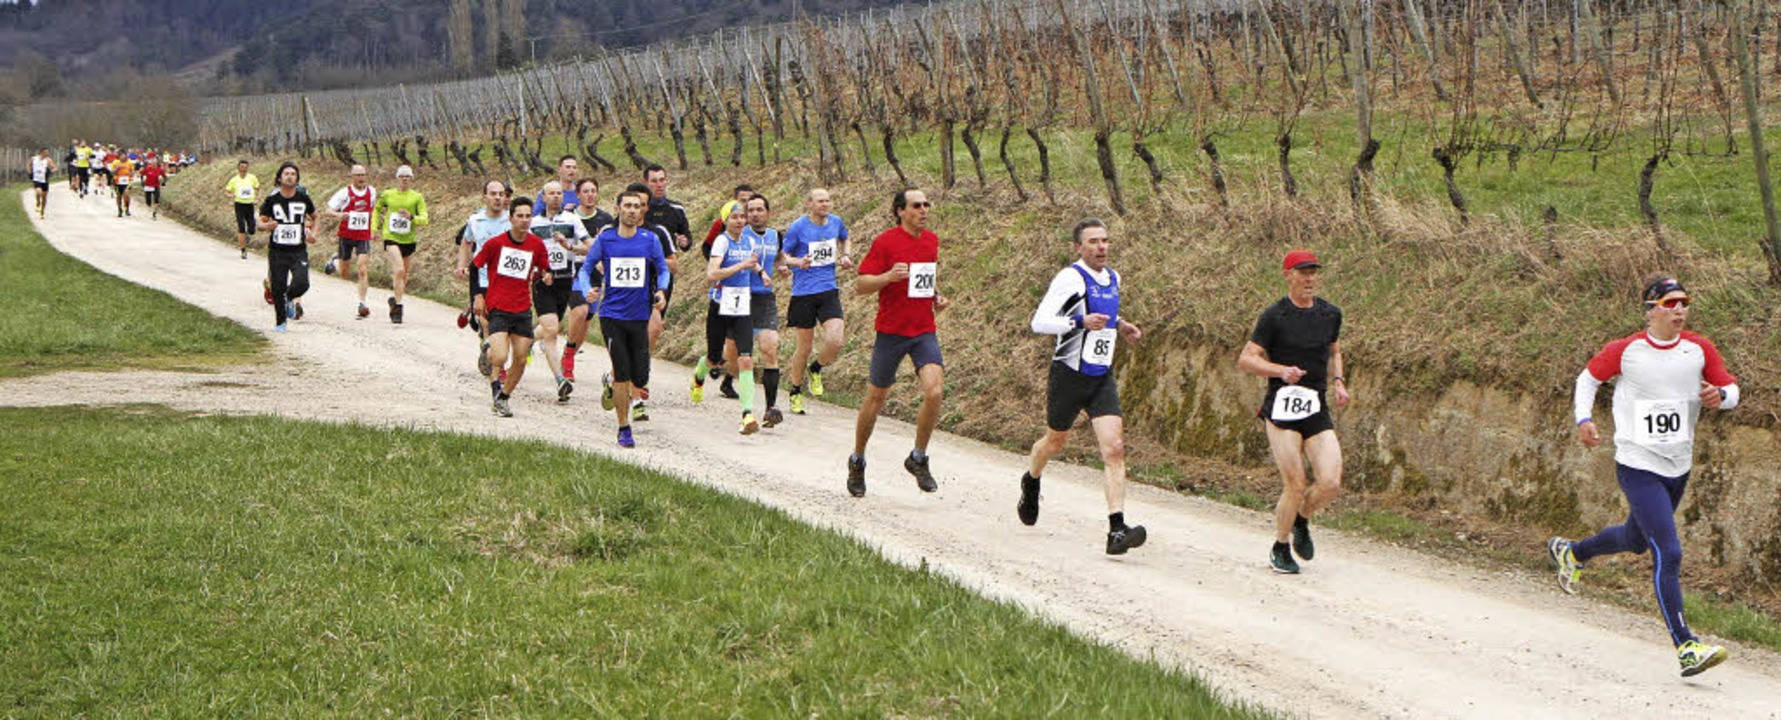 Vorbei an Rebhängen: Die reizvolle Str...aßen rund 300 Läuferinnen und Läufer.   | Foto: Winfried Stinn